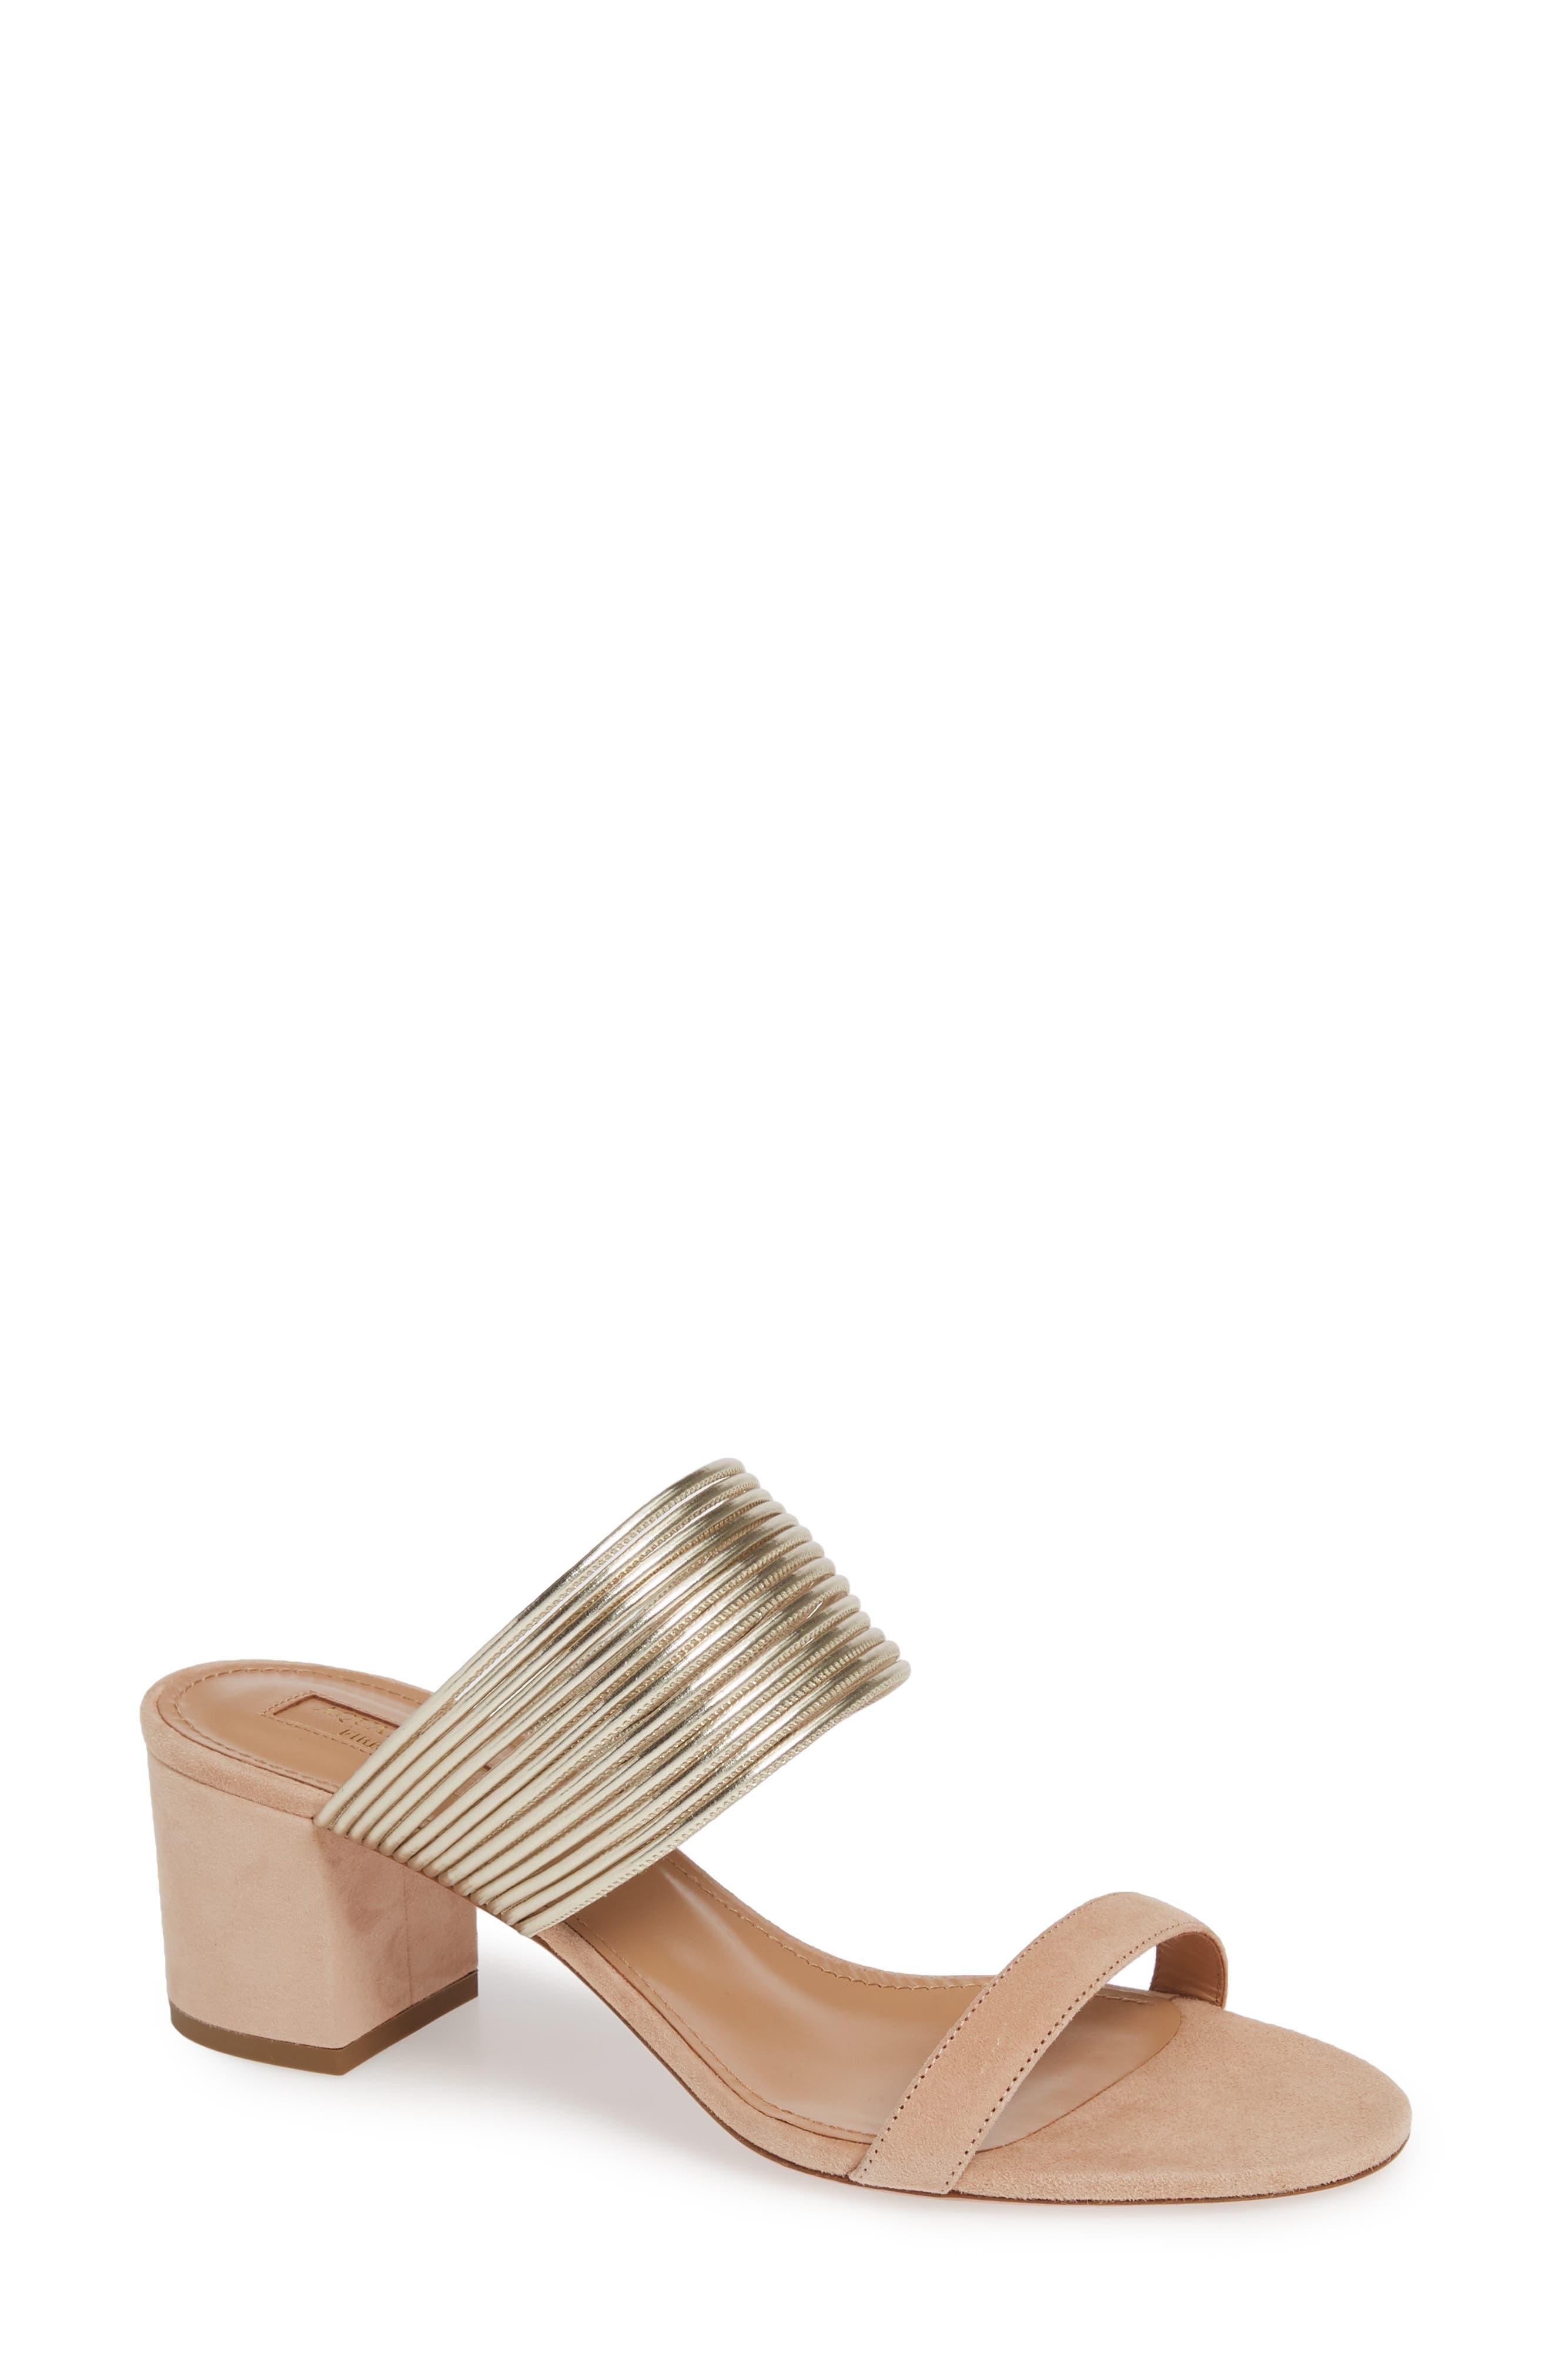 AQUAZZURA Rendez Vous Slide Sandal, Main, color, POWDER PINK SUEDE